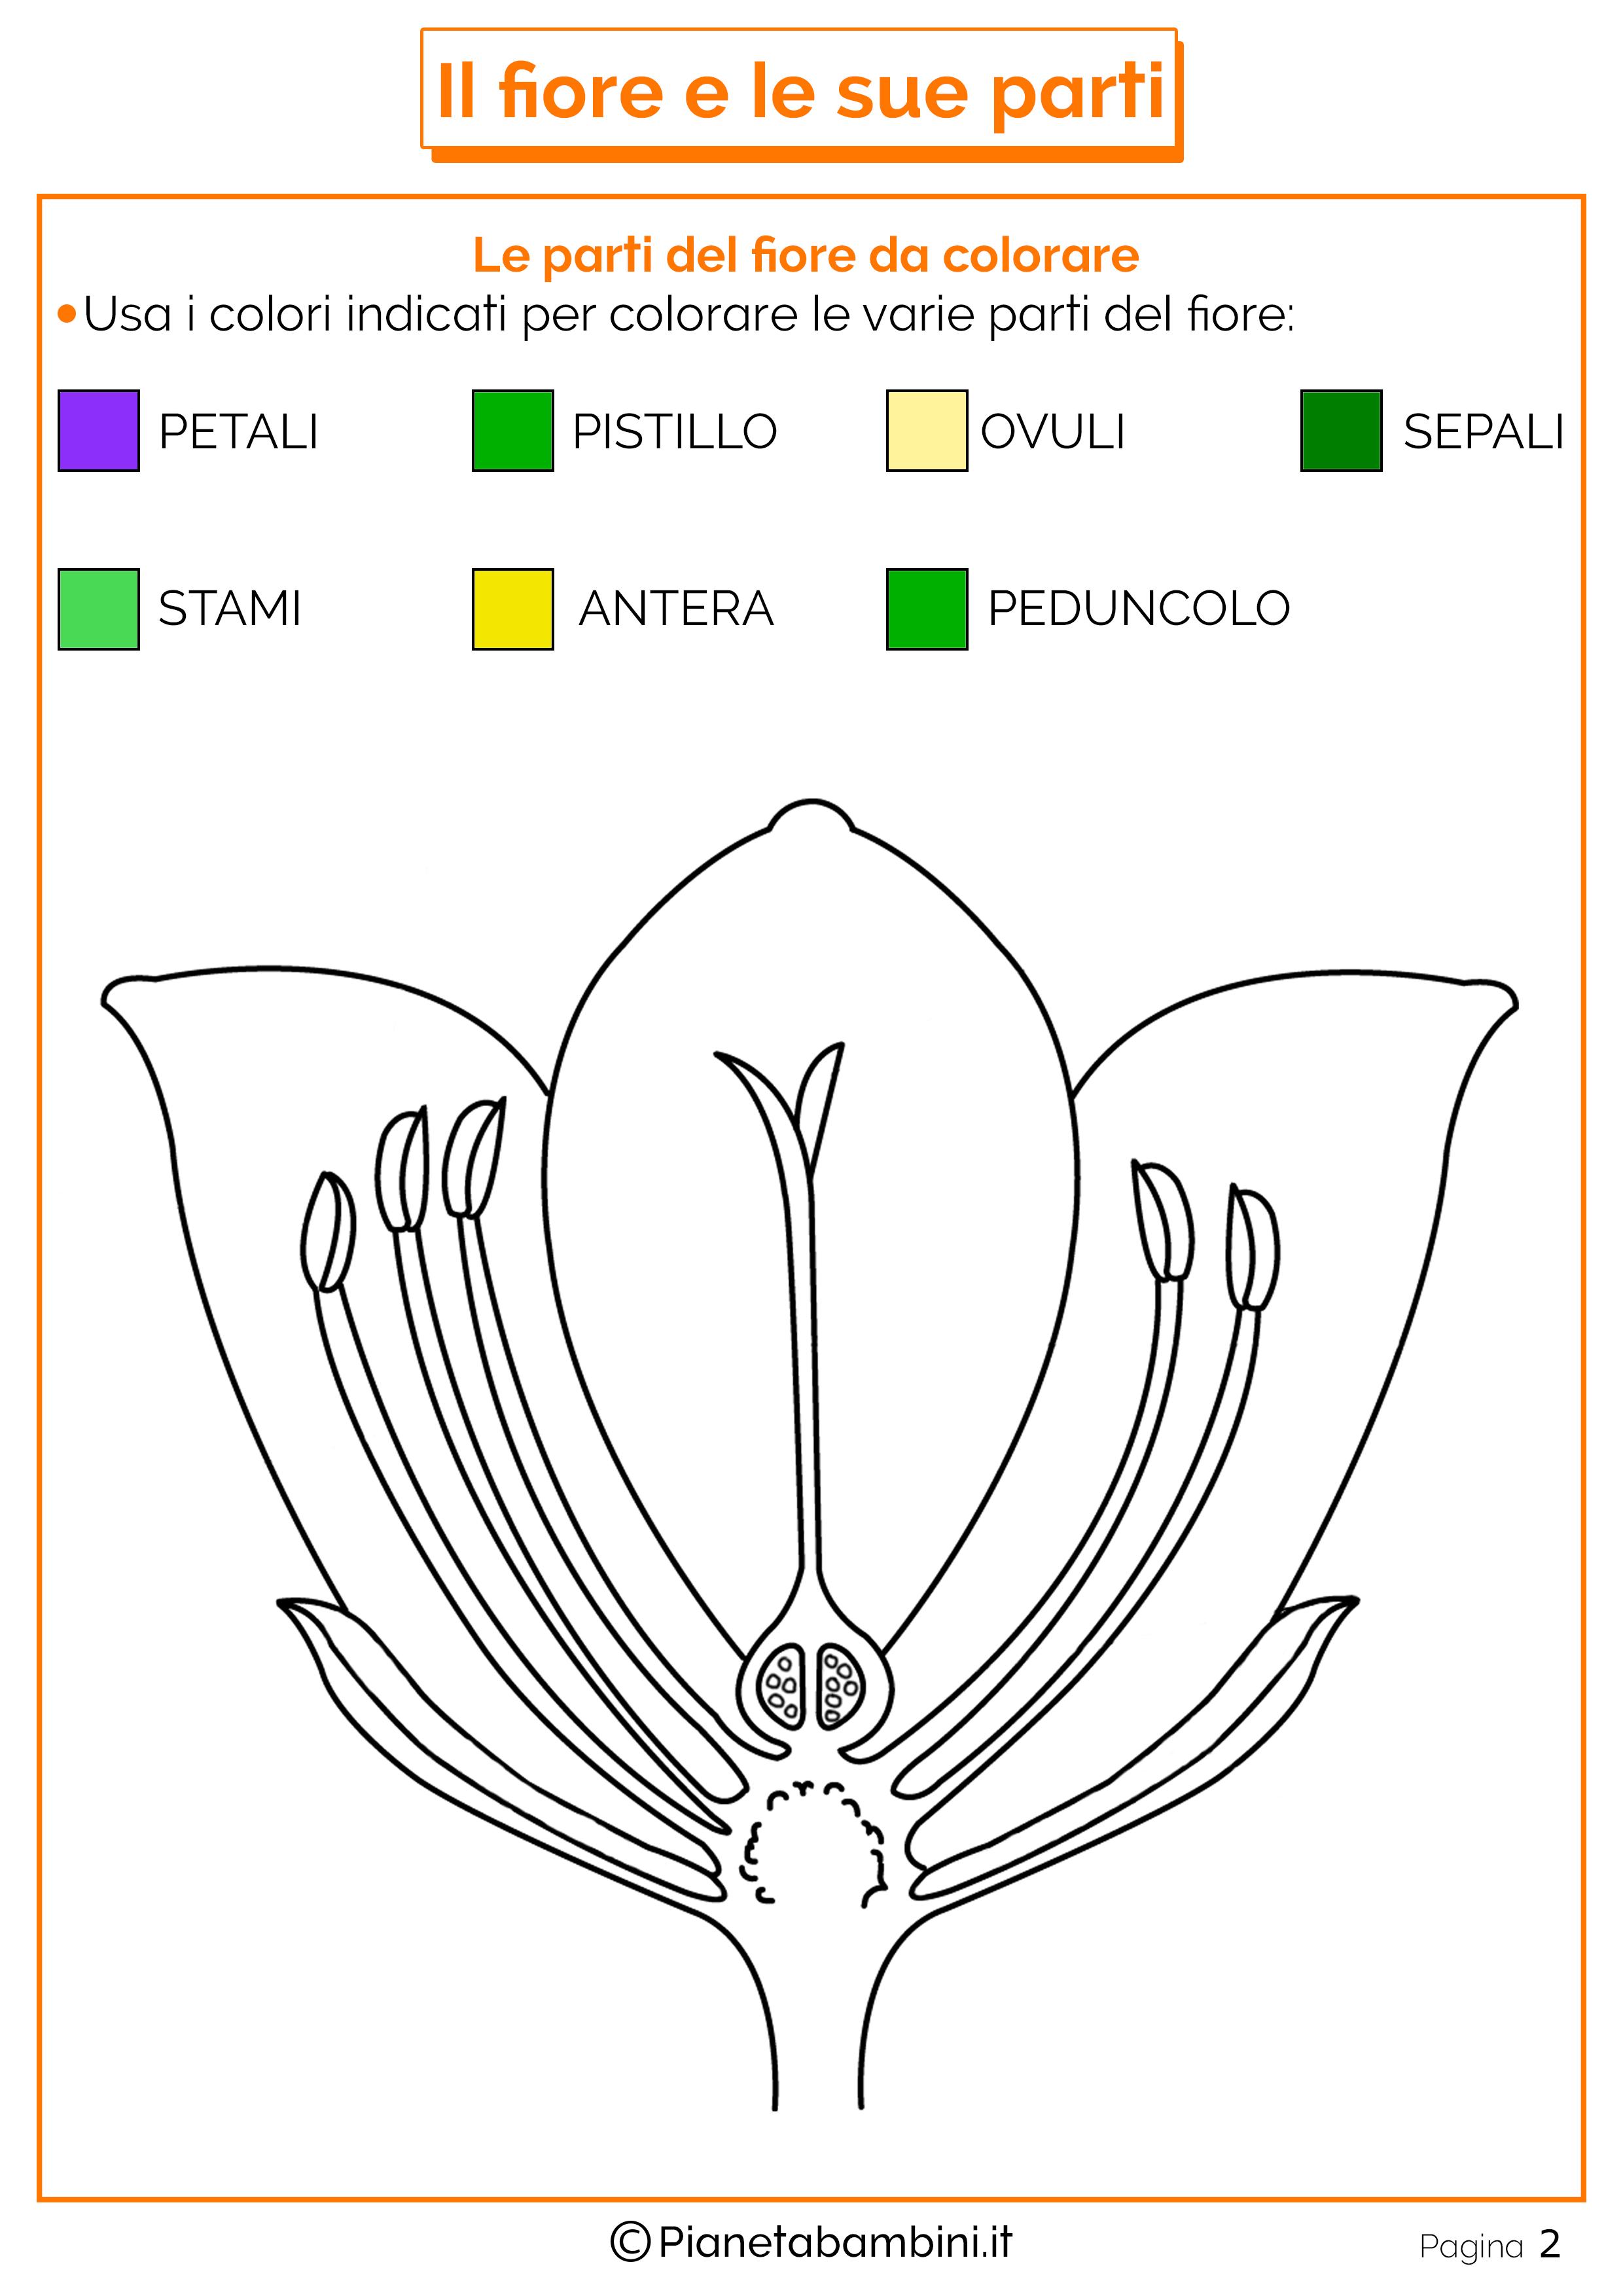 Le parti del fiore schede didattiche per la scuola - Immagine da colorare della terra ...